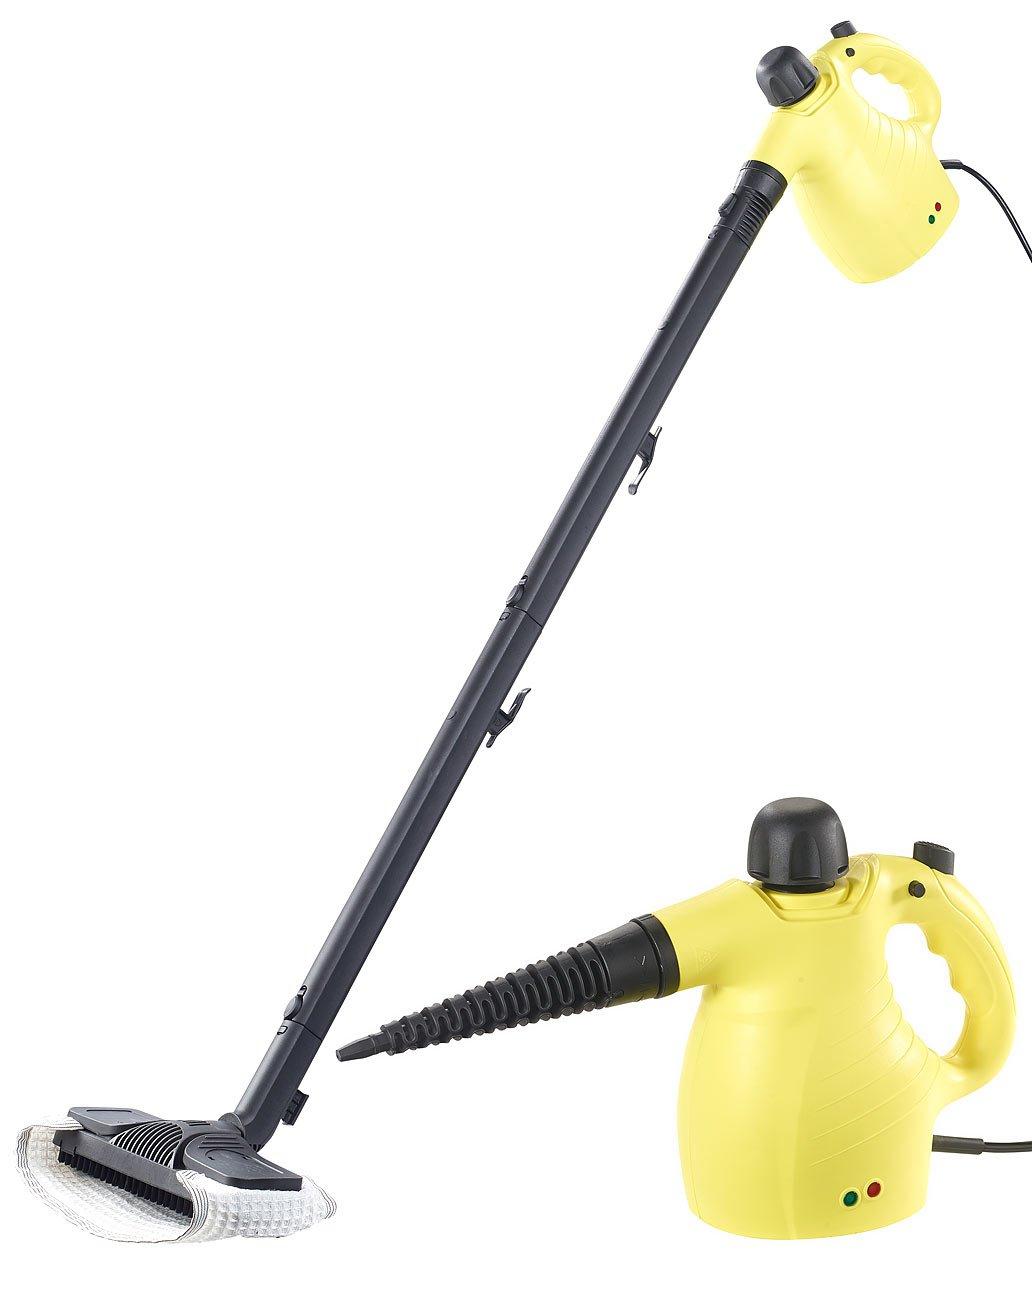 Sichler Haushaltsgeräte Dampfgerät: 2in1-Hand-Dampfreiniger, Dampfmopp & -Besen, 13-tlg. Zubehör, 1.050W (Handdampfgerät) 13-tlg. Zubehör 1.050W (Handdampfgerät)